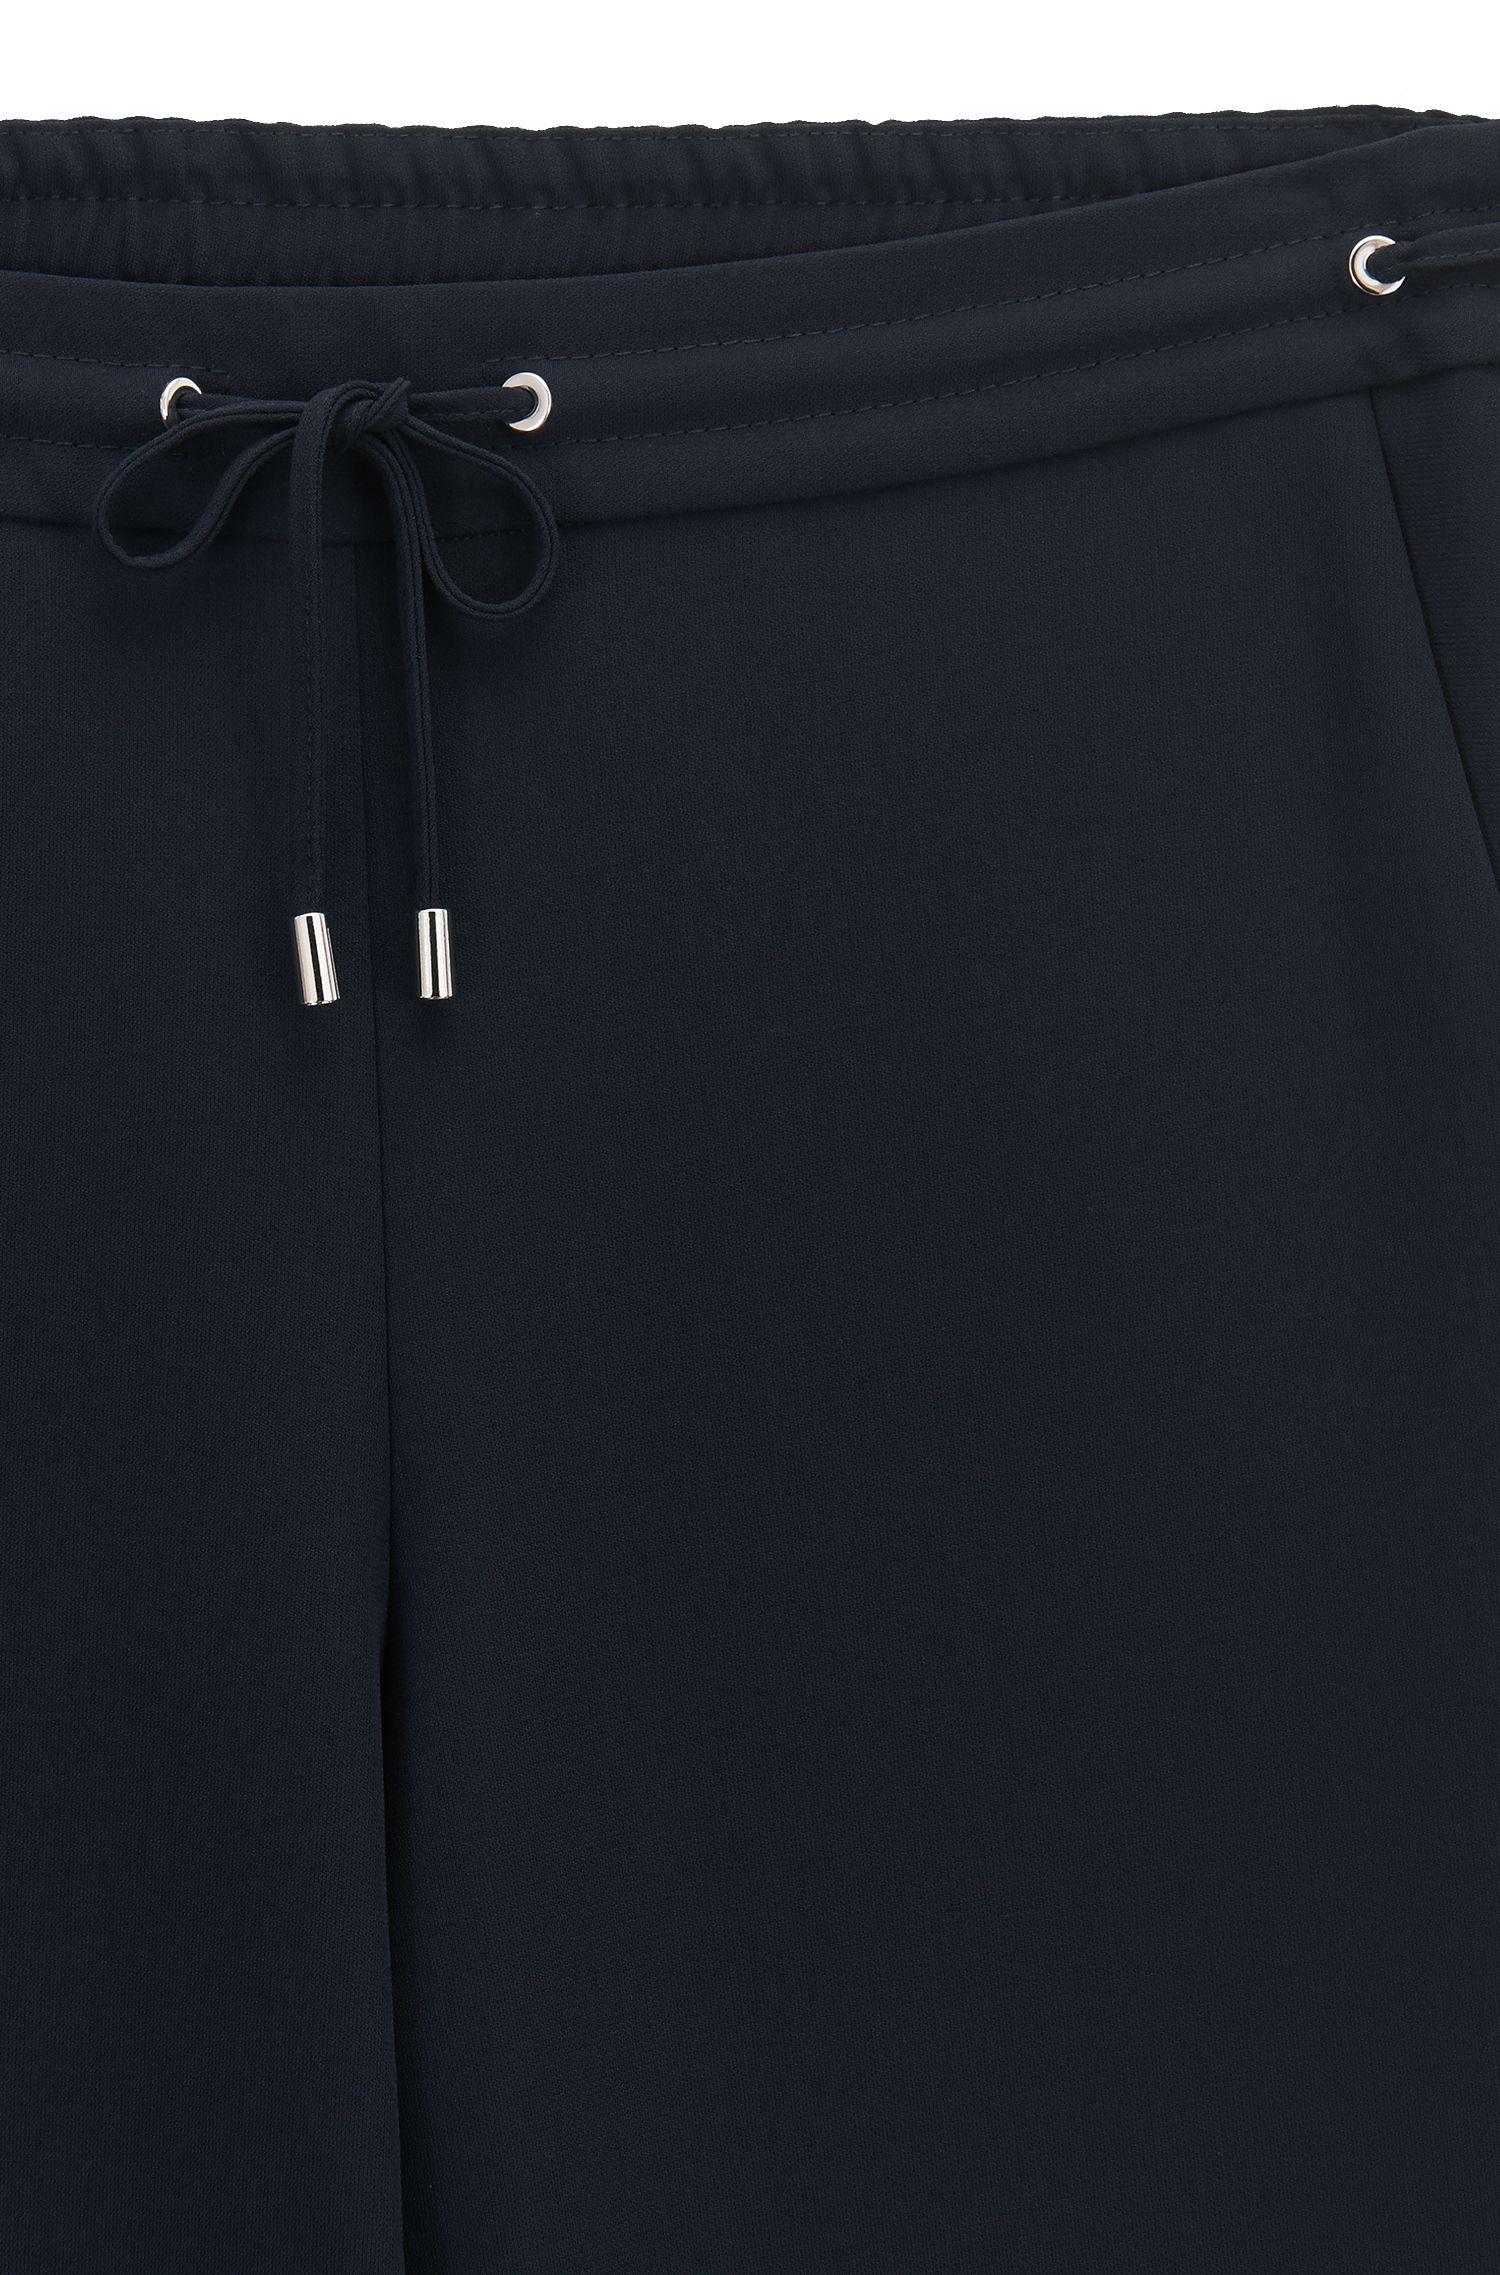 Athleisure-Wear-Hose aus Krepp in Cropped-Länge